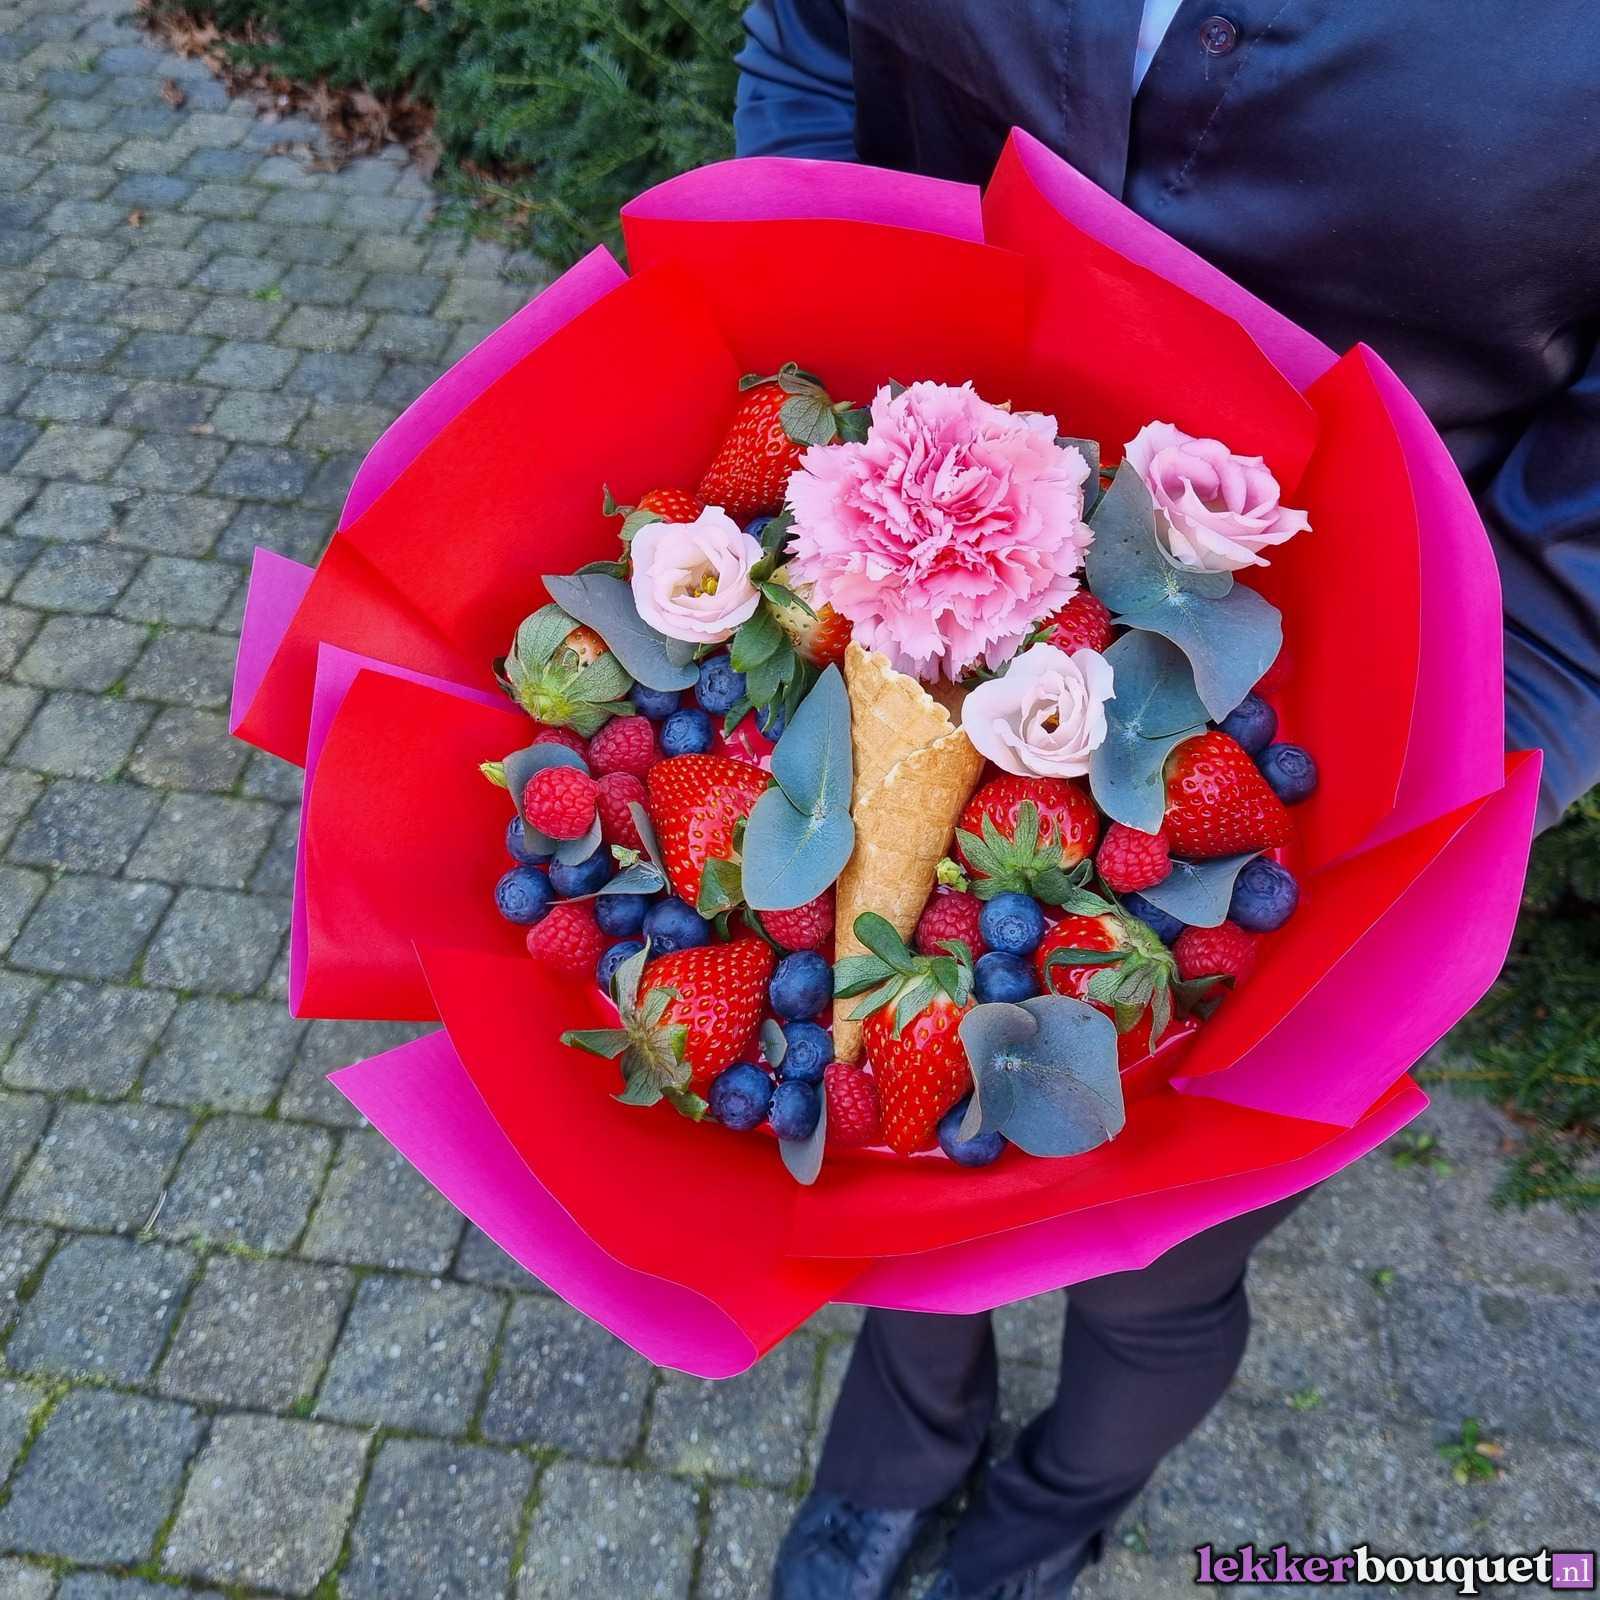 Фруктово-ягодно-цветочный букет.